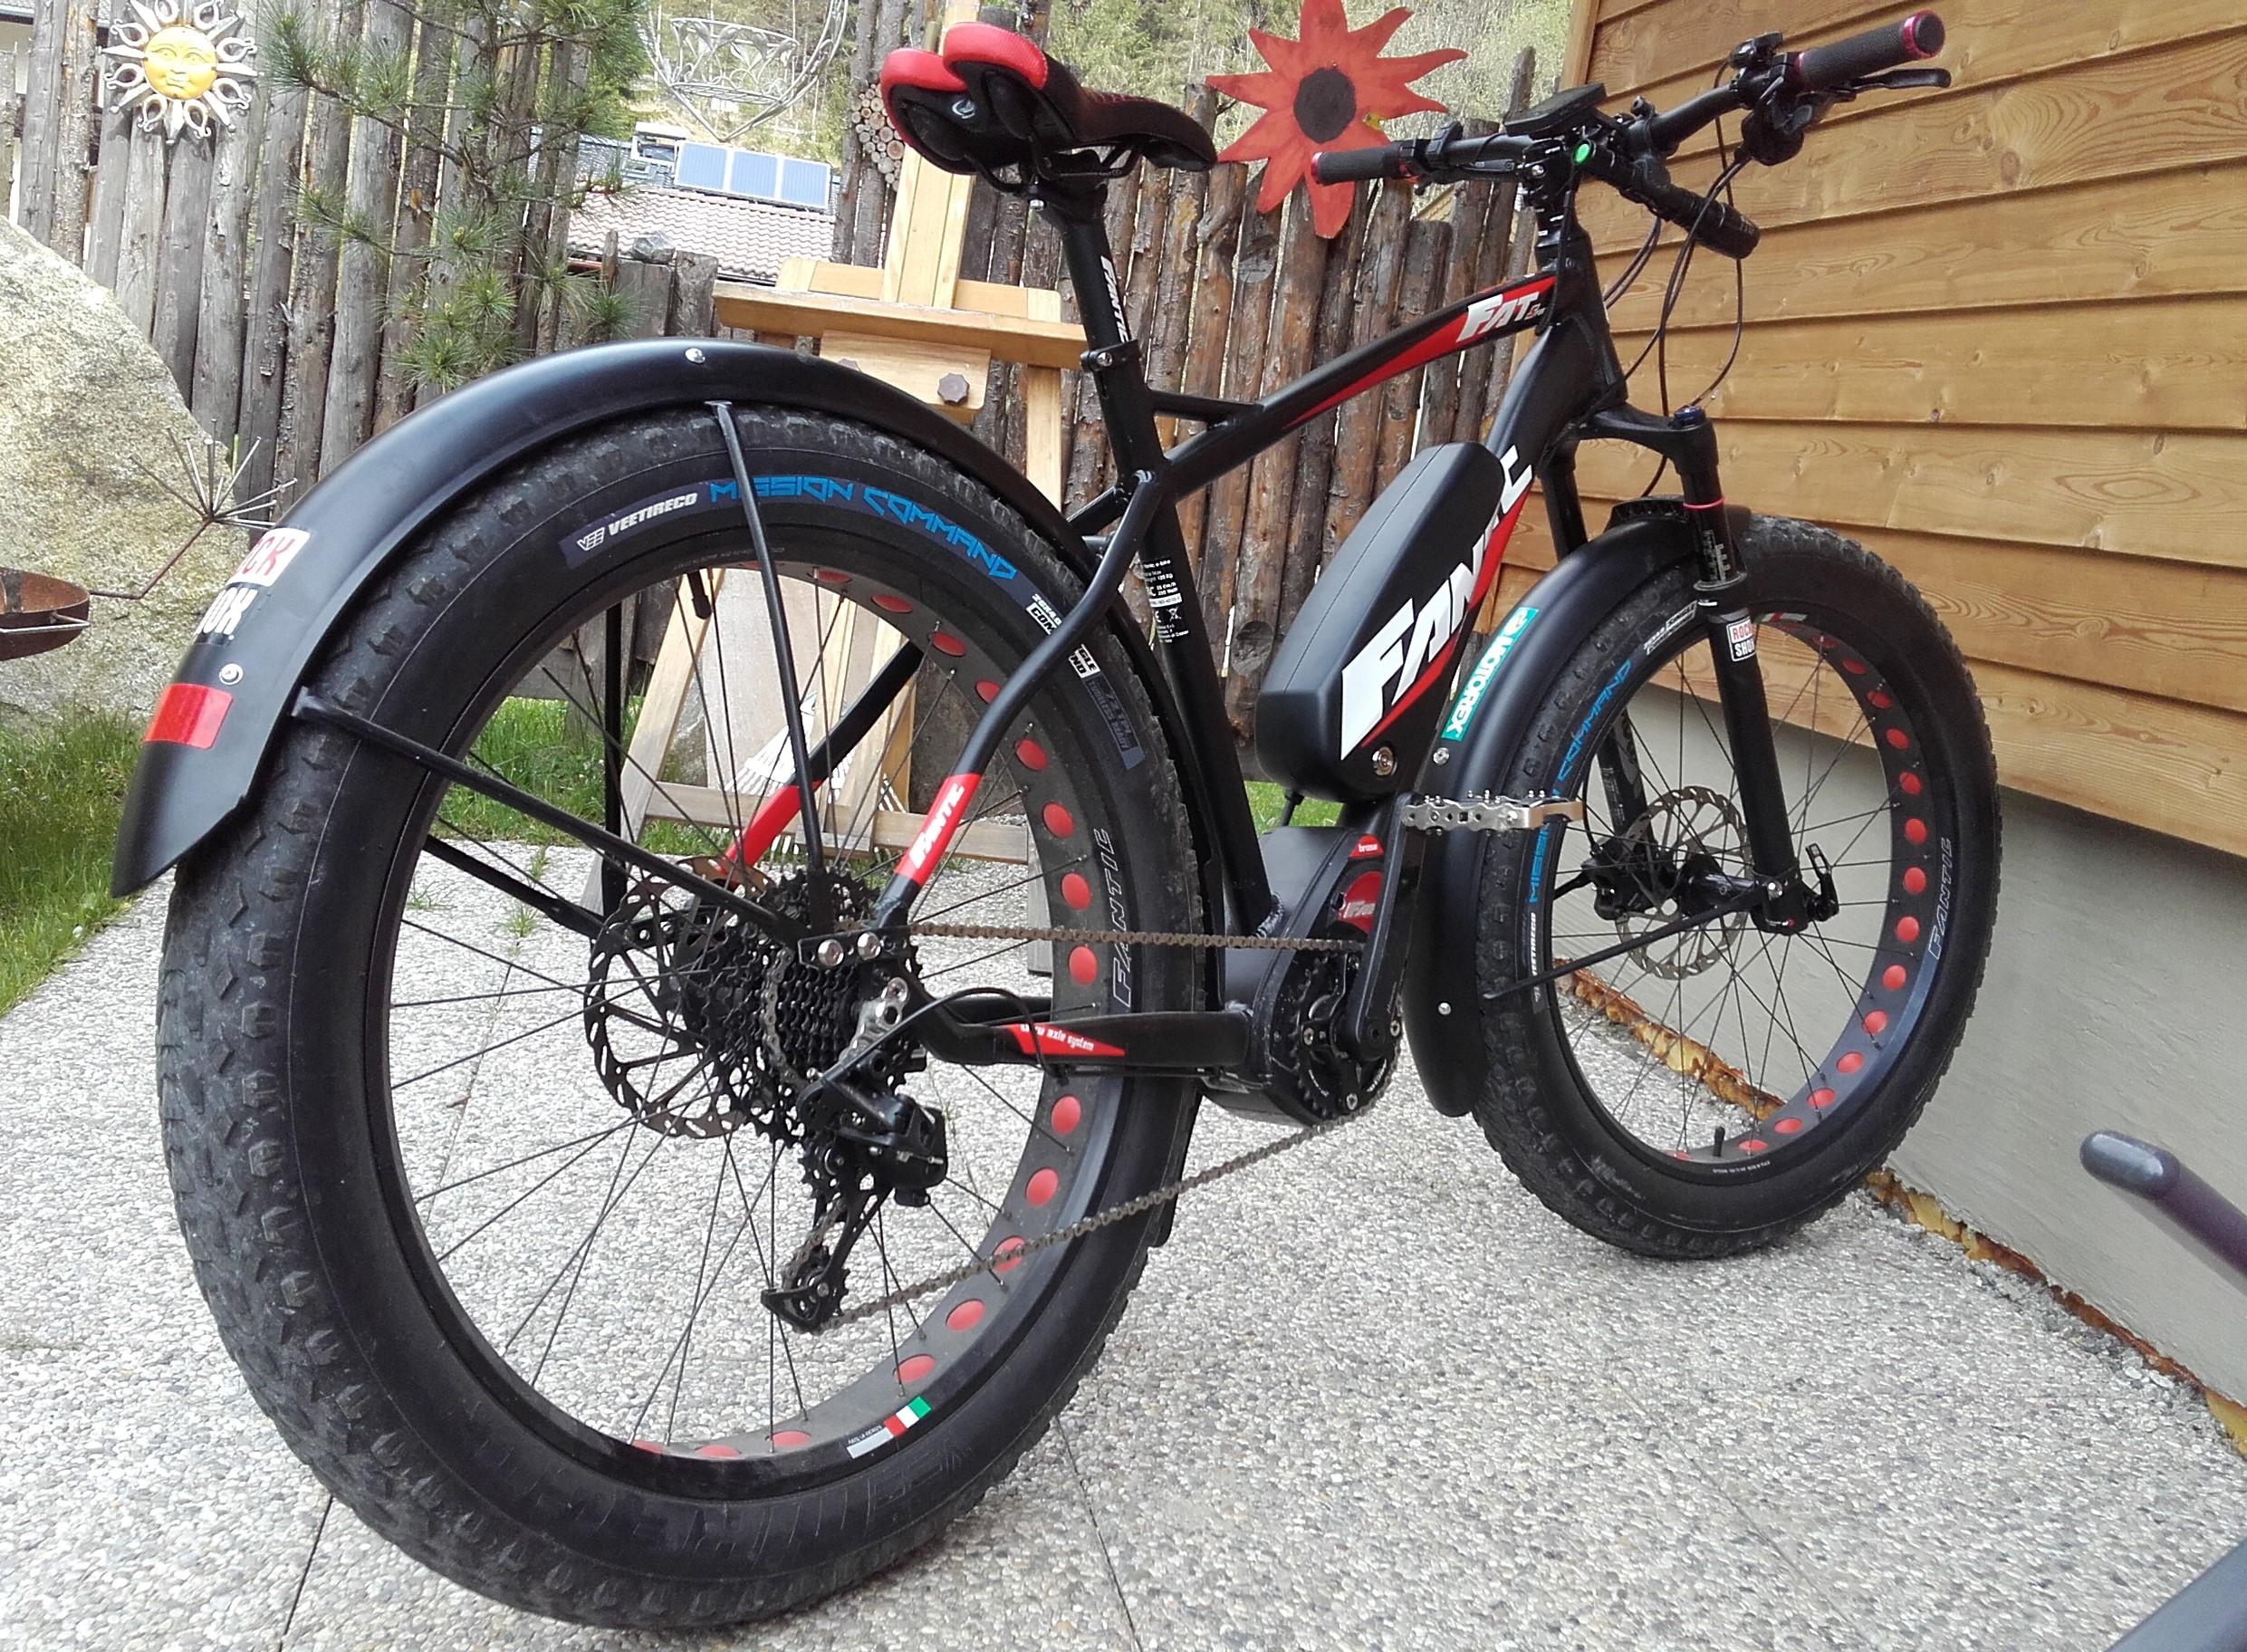 20 pulgadas Fat bike acanaladas negro mate 123 mm de ancho